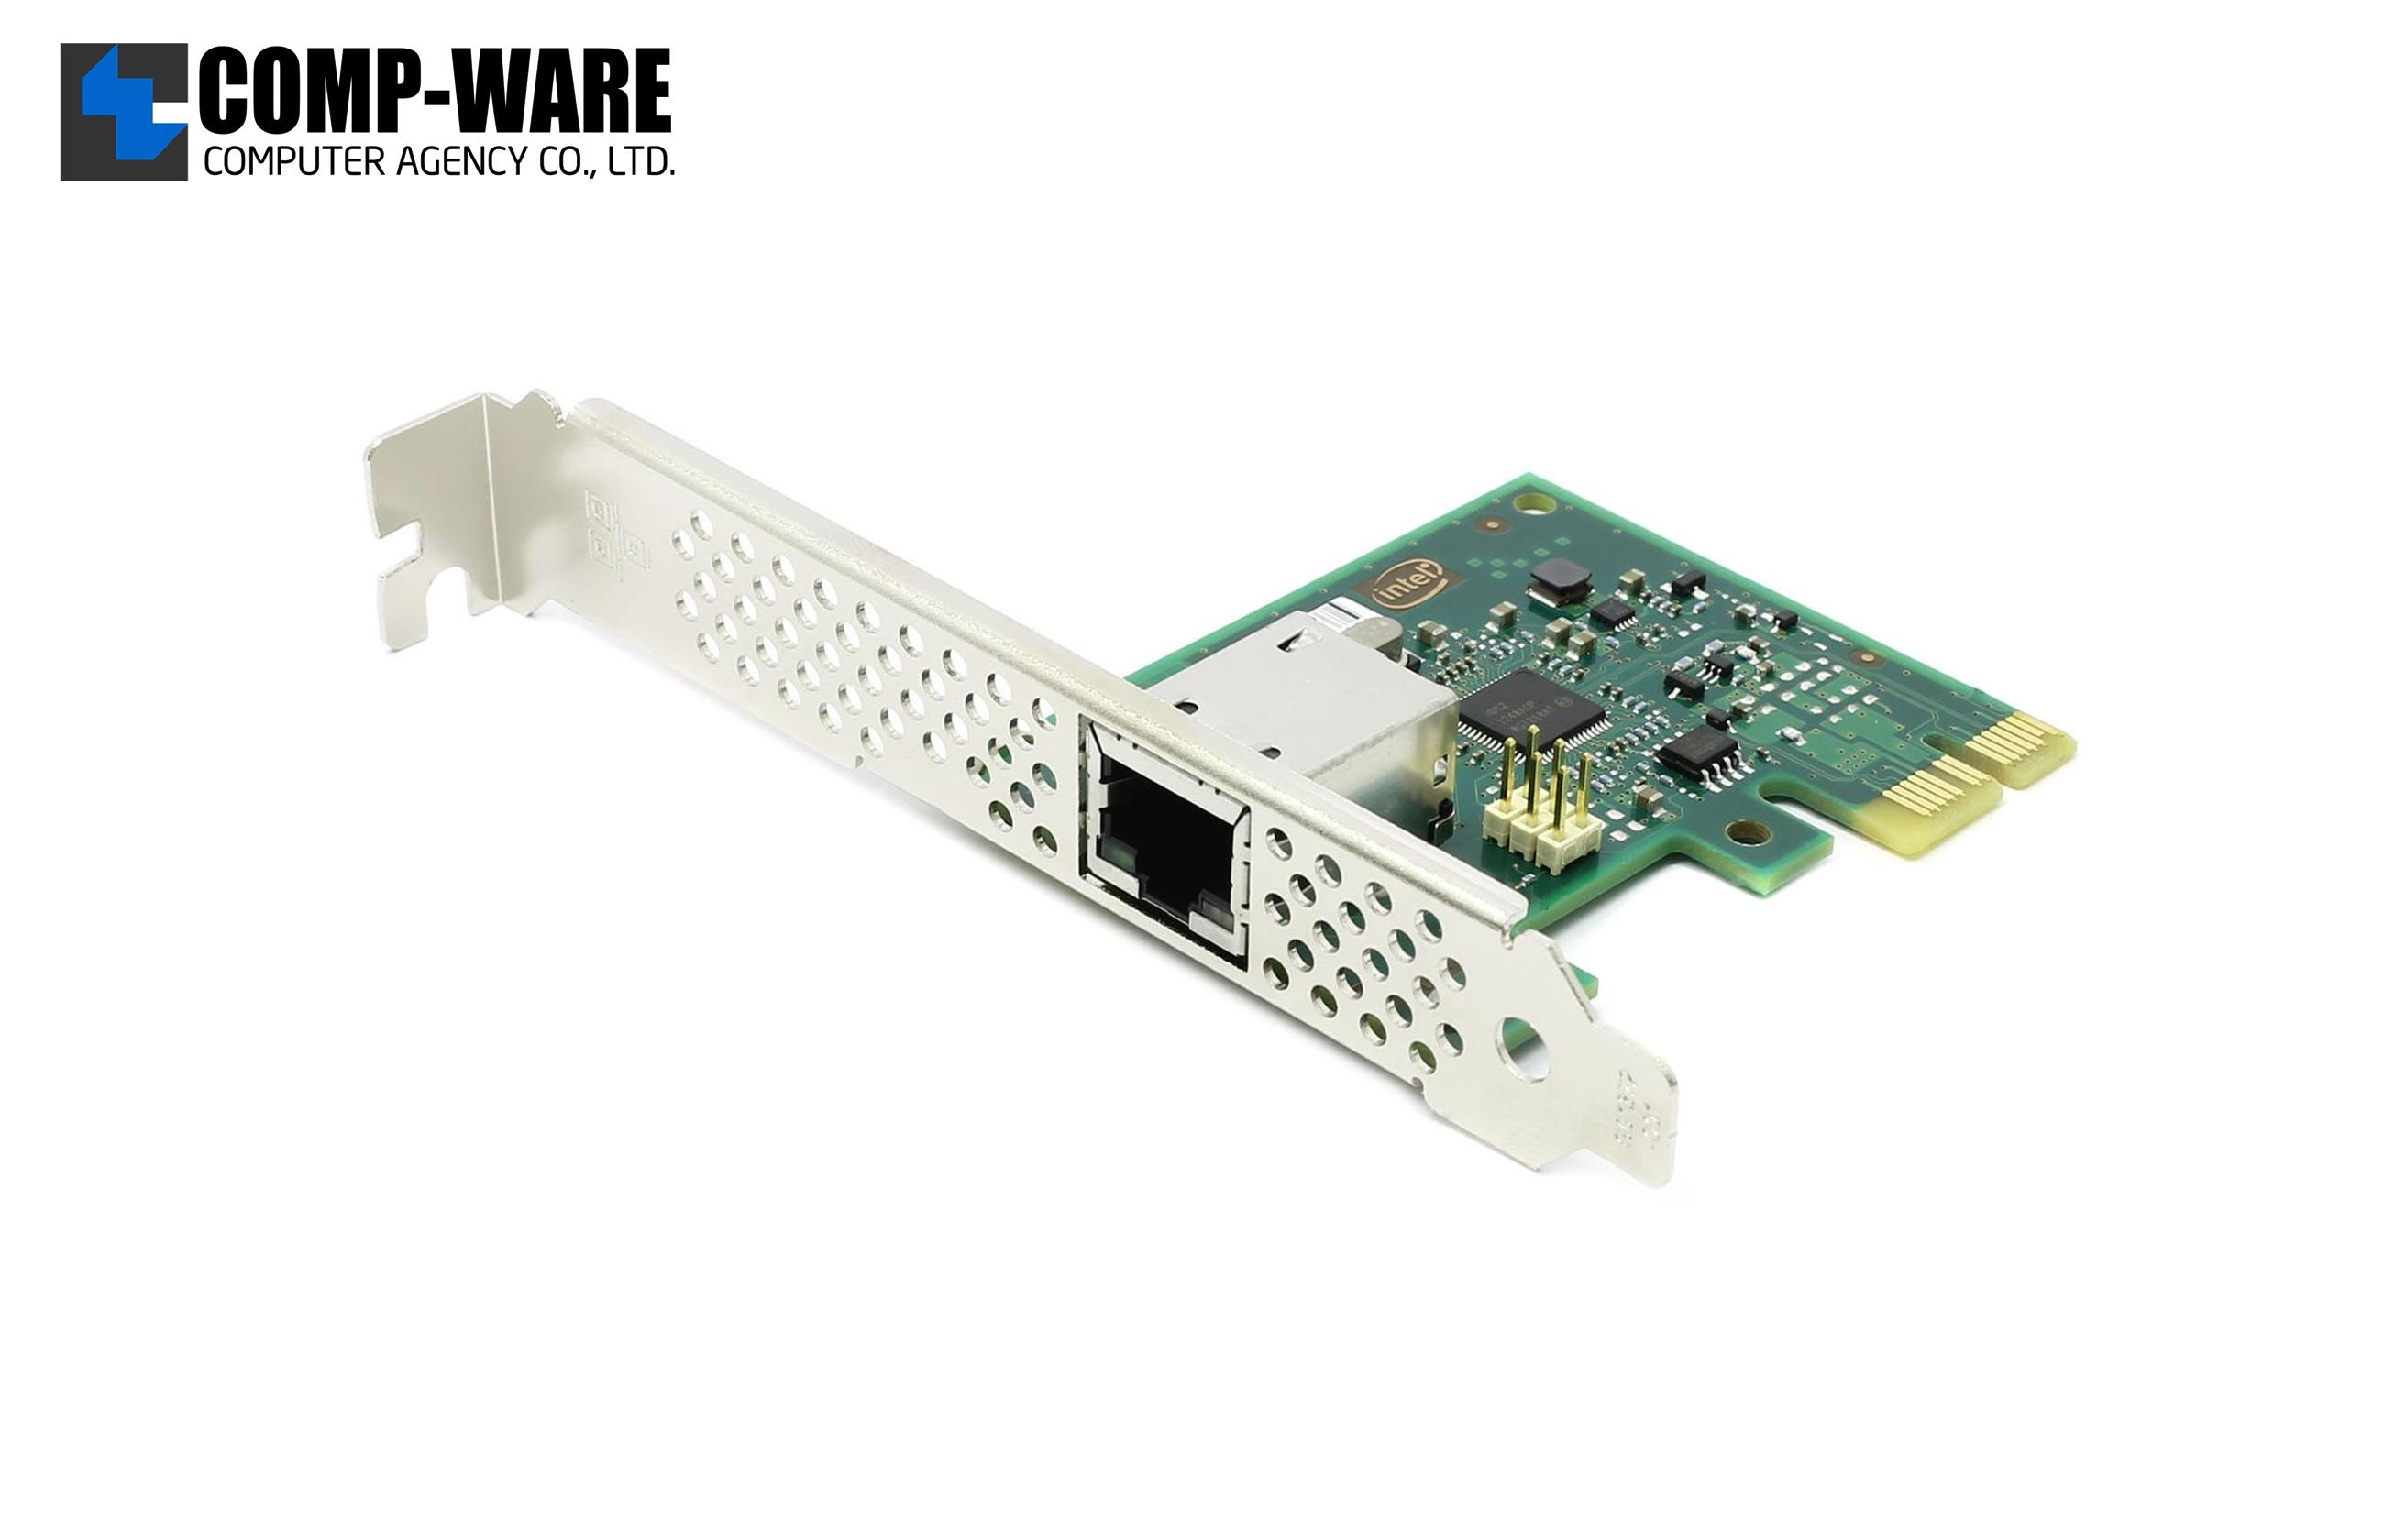 Intel Ethernet Server Adapter I210 -T1 (1-Port) RJ-45 Connector